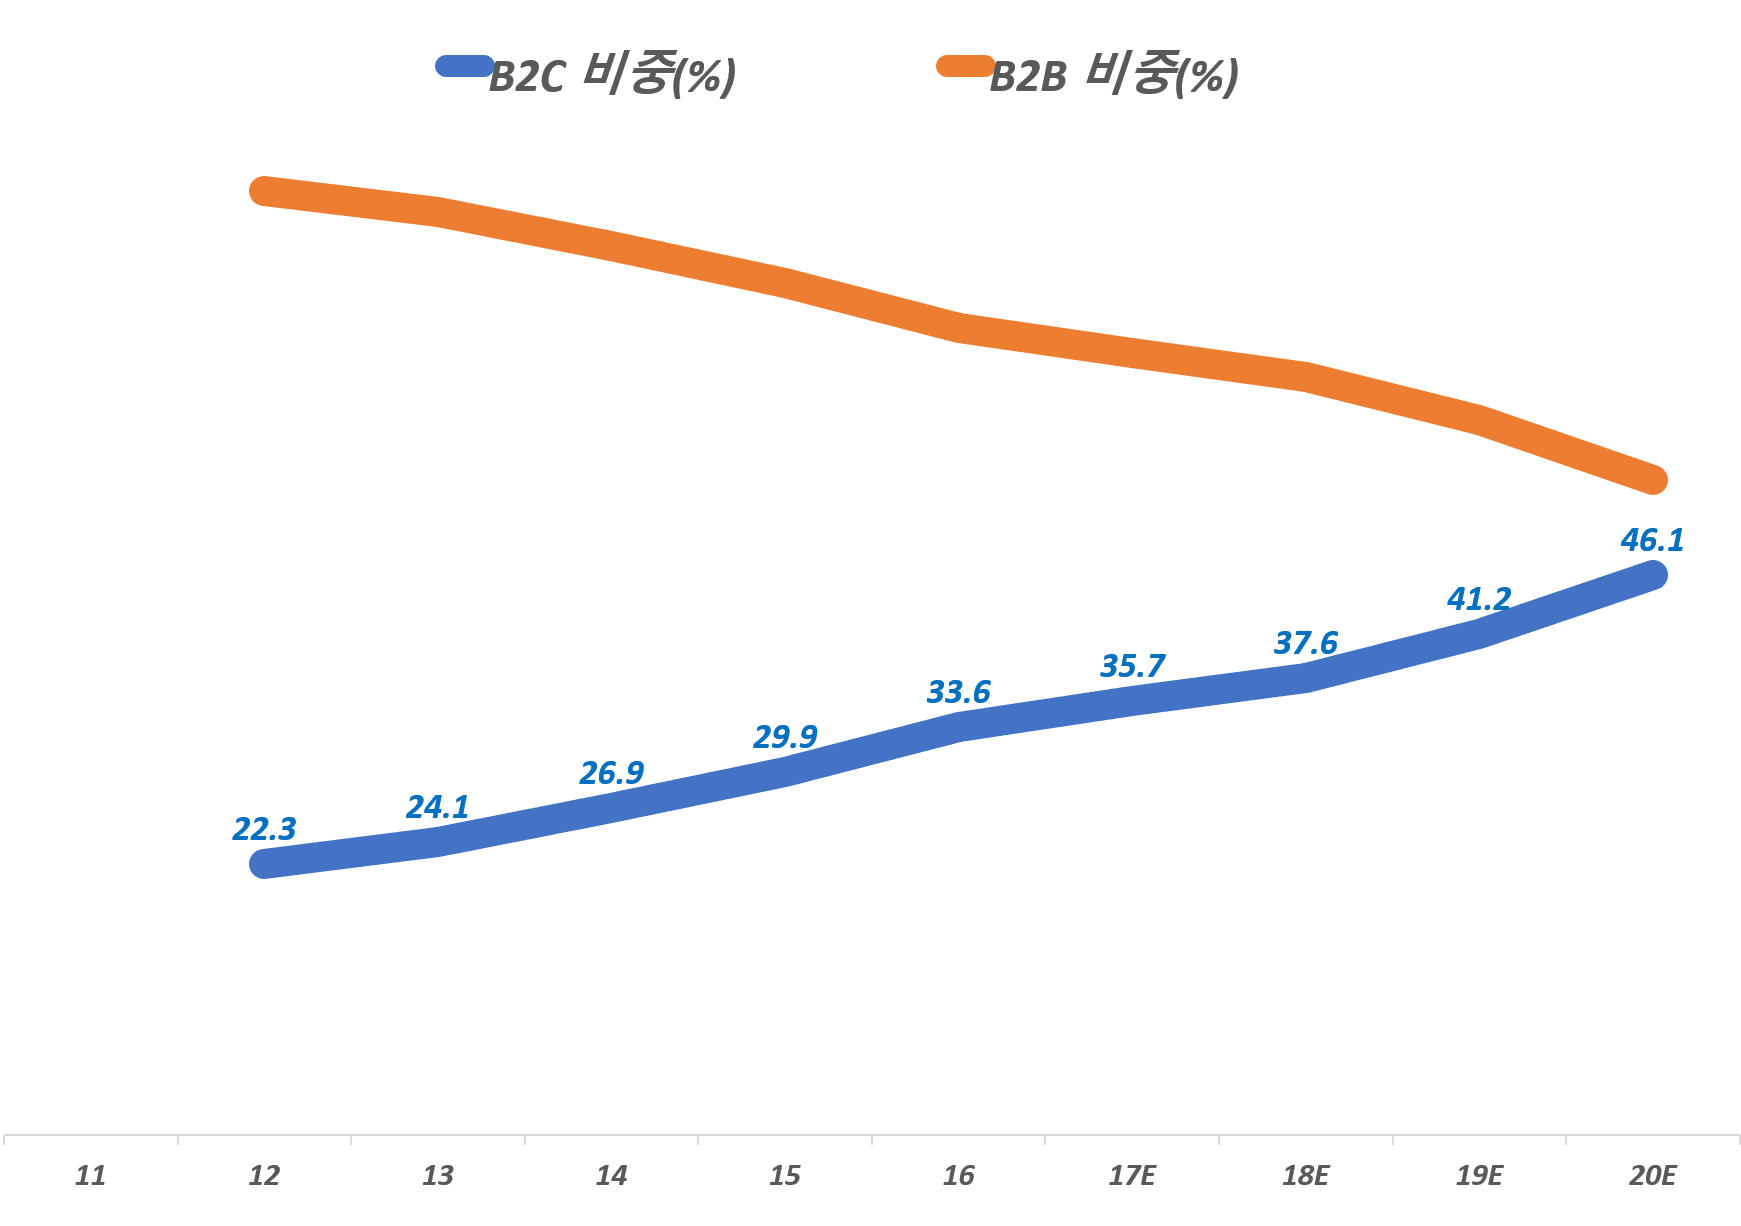 한국 렌탈 시장 중 B2C 렌탈 시장 비중 추이, 2016년 KT경제연구소, ICT로 진화하는 스마트 렌탈 시장의 미래 참조, Graph by Happist